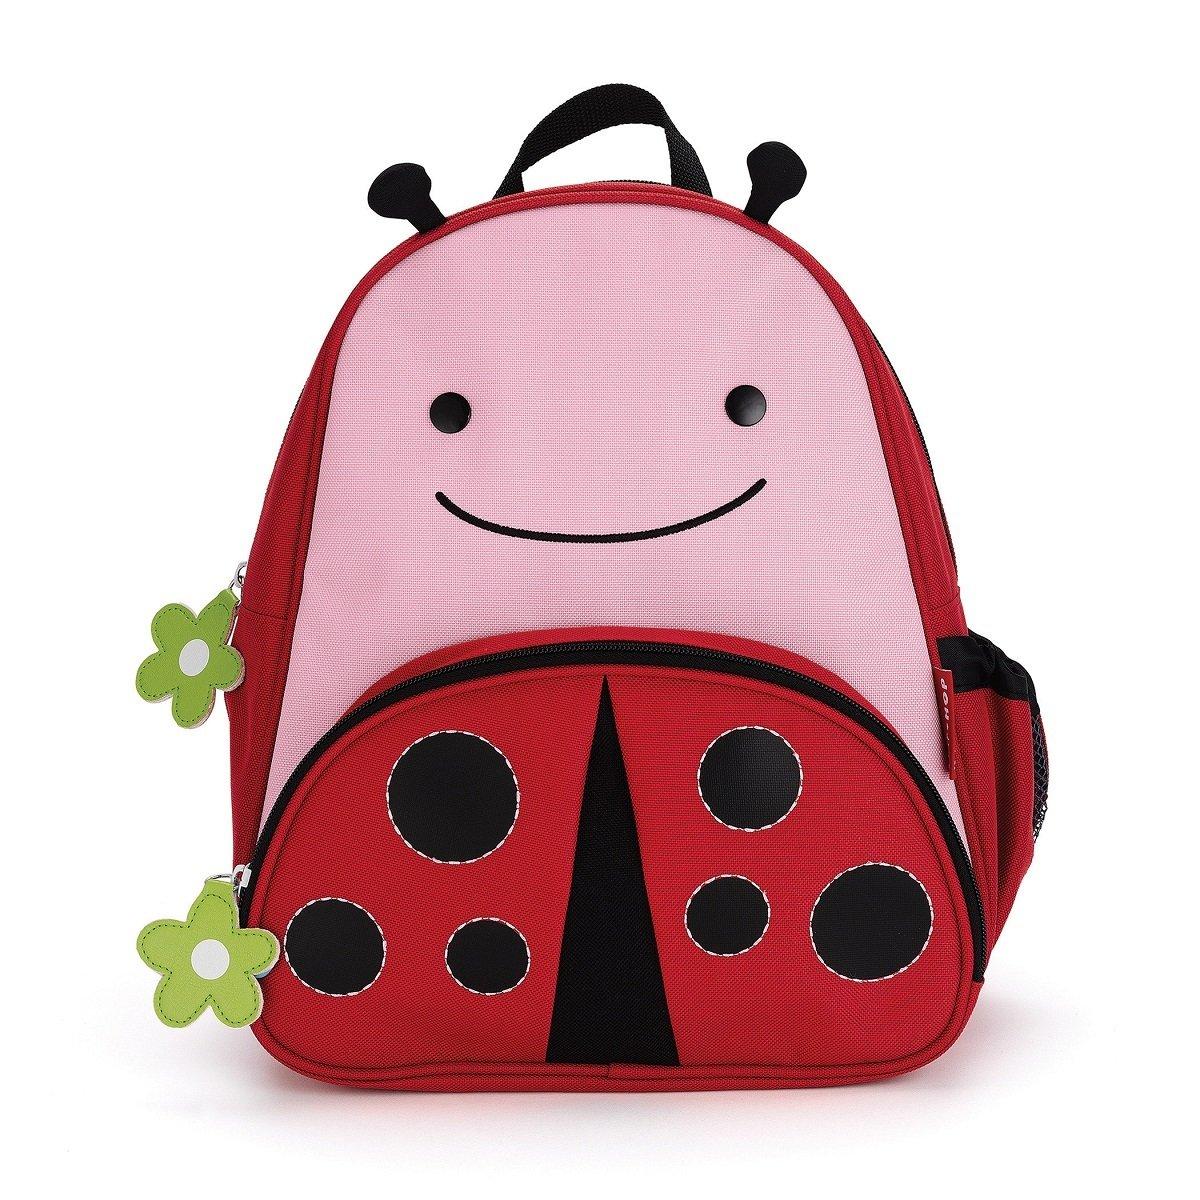 可愛動物園小童背包 - 甲蟲